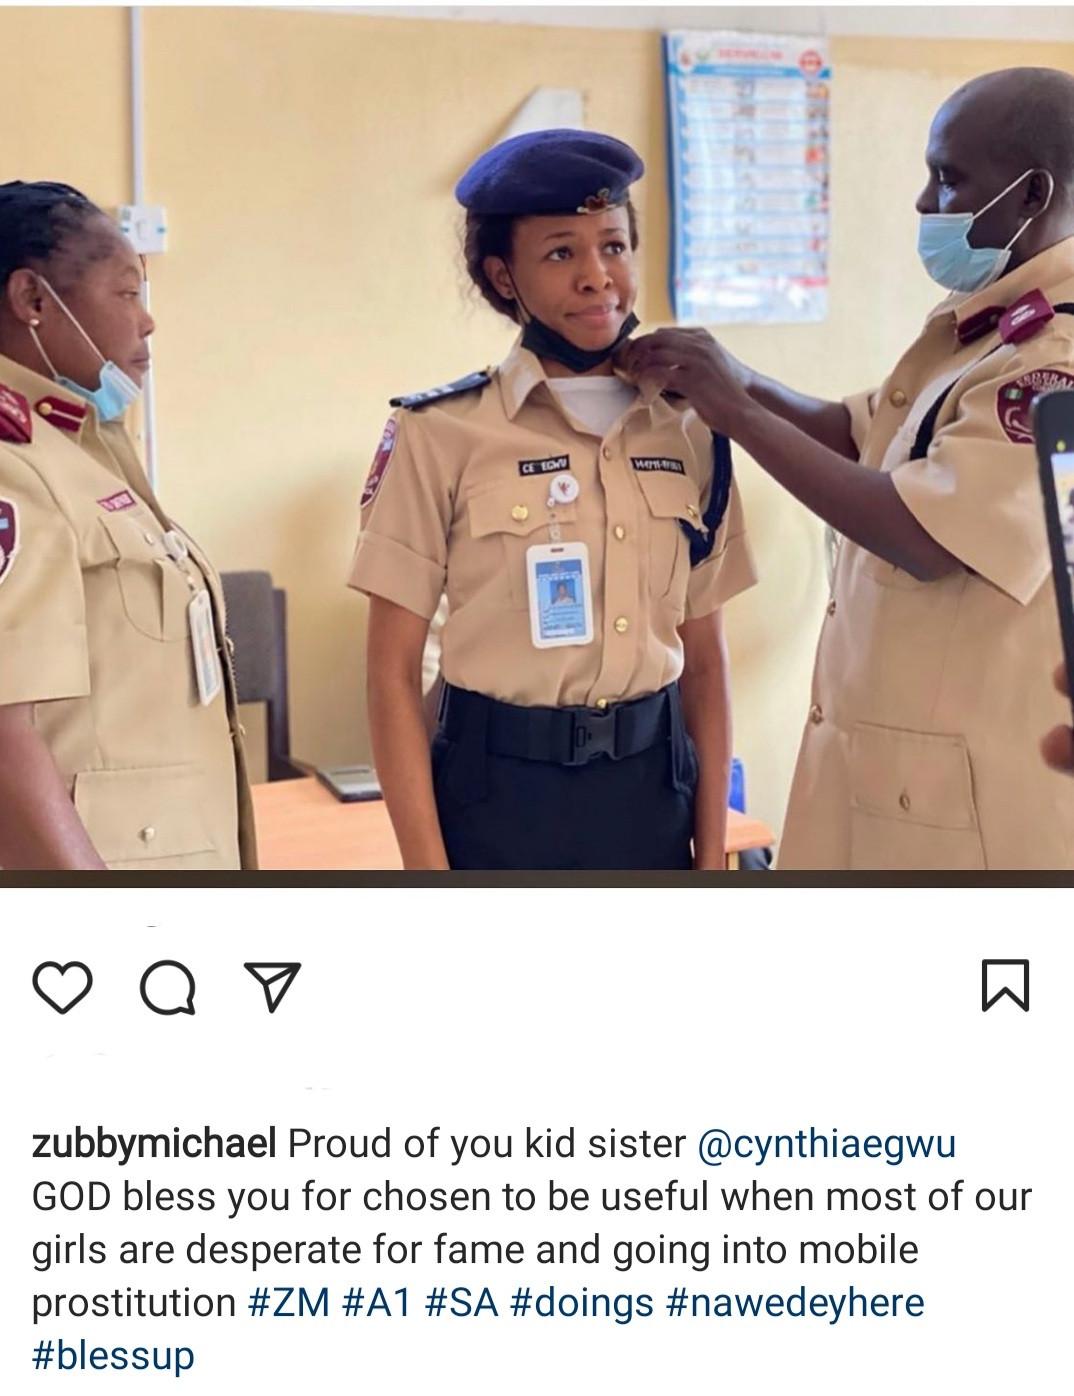 Zubby Michael congratulates his